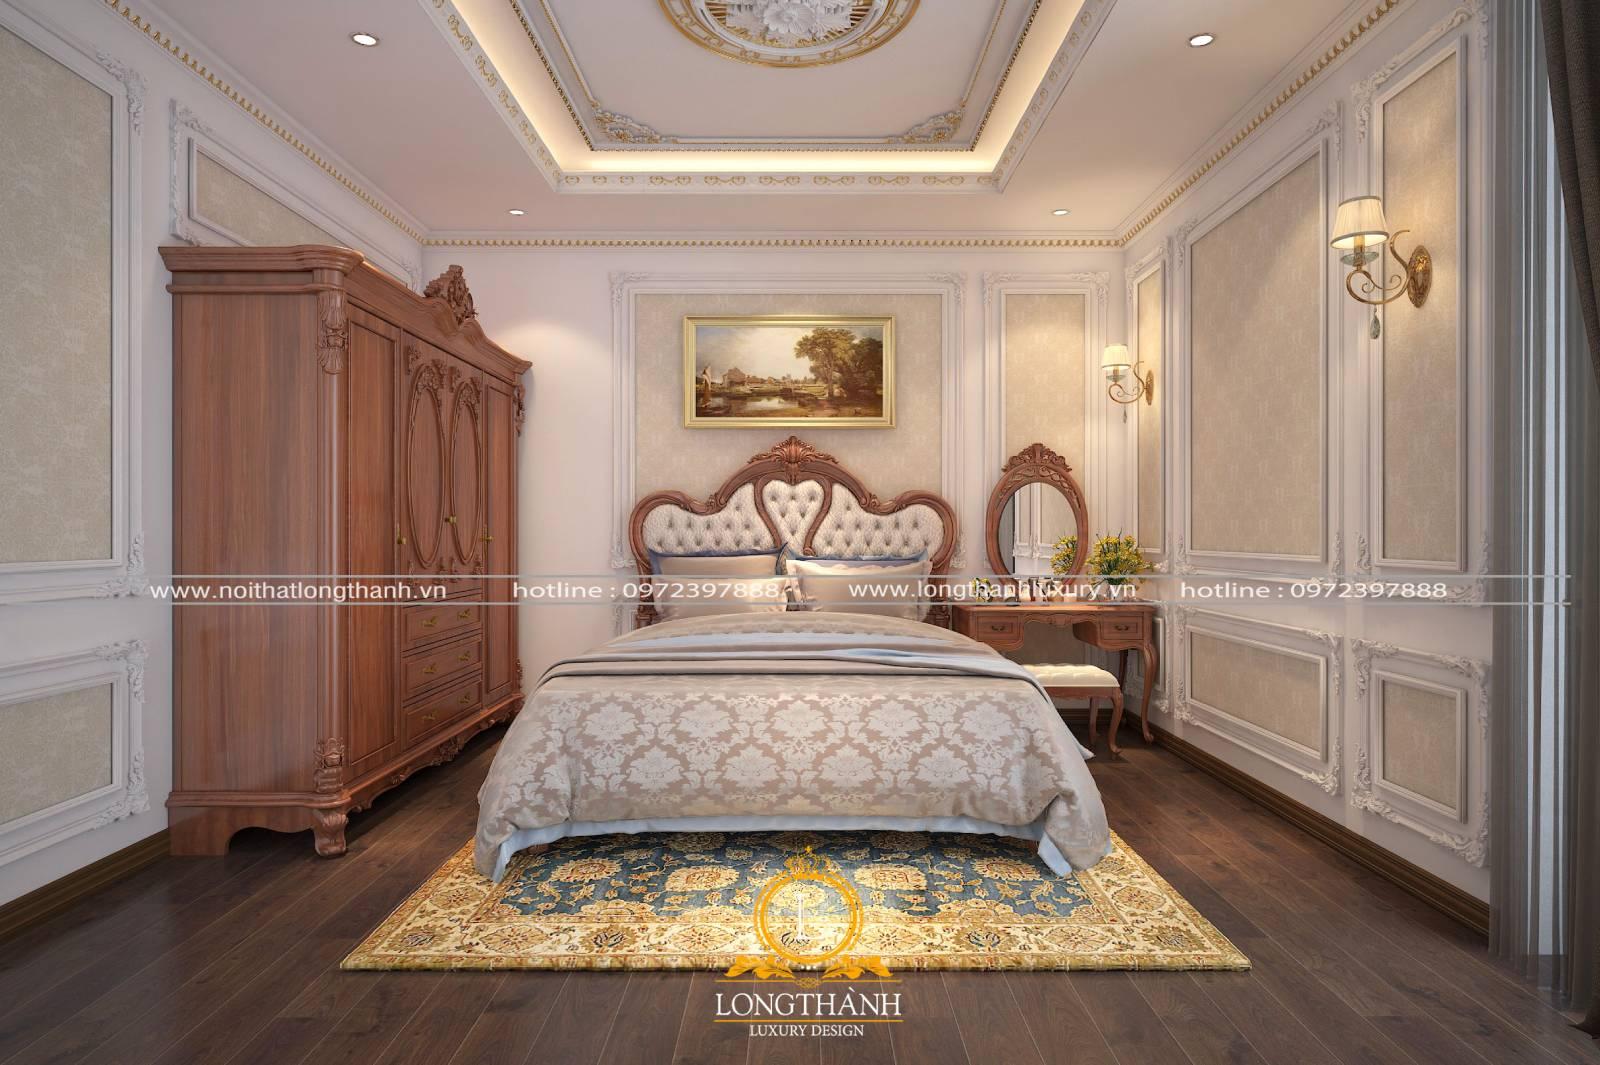 Tranh trang trí đặt đầu giường phòng ngủ tân cổ điển